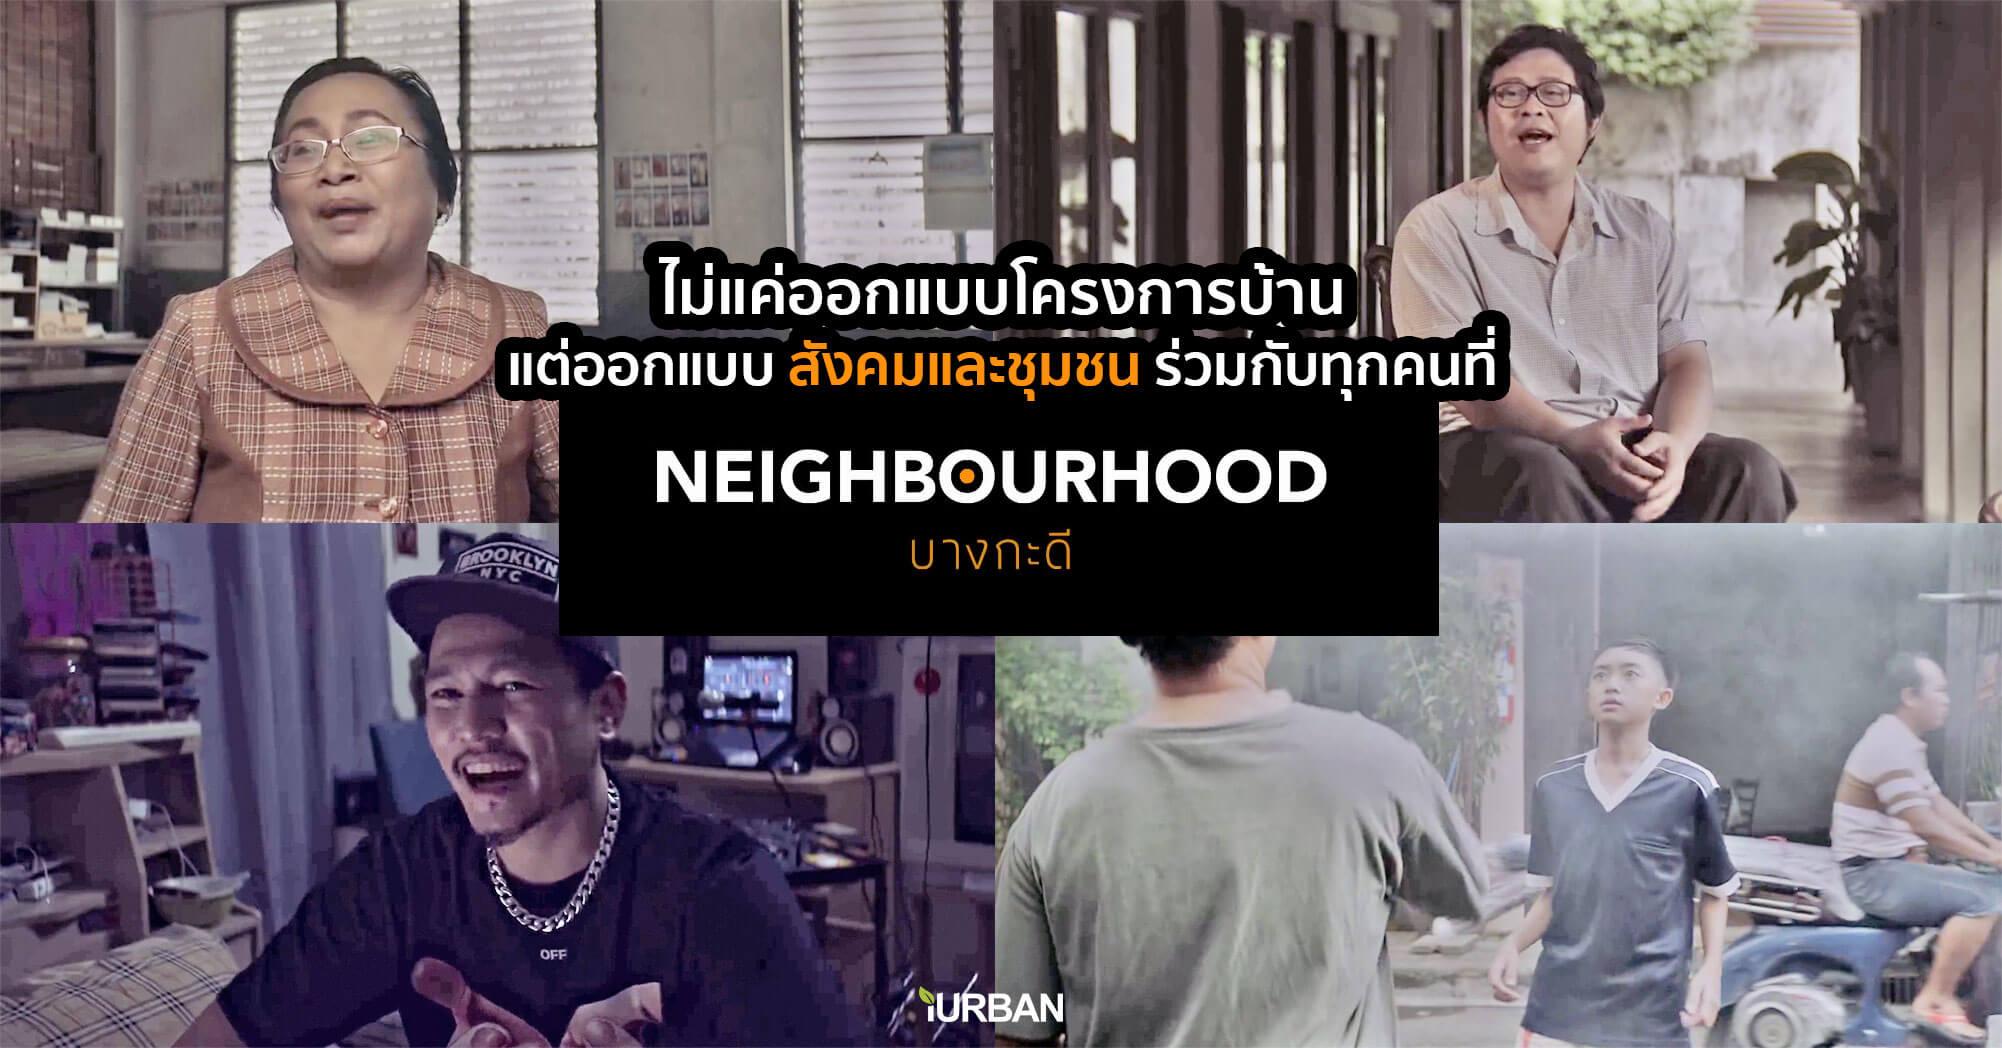 ชุมชนรอบบ้านมีผลกับชีวิต วันนี้เราออกแบบเองได้ แม้ในพื้นที่ไม่กล้าฝัน – Neighbourhood บางกะดี 13 - Premium